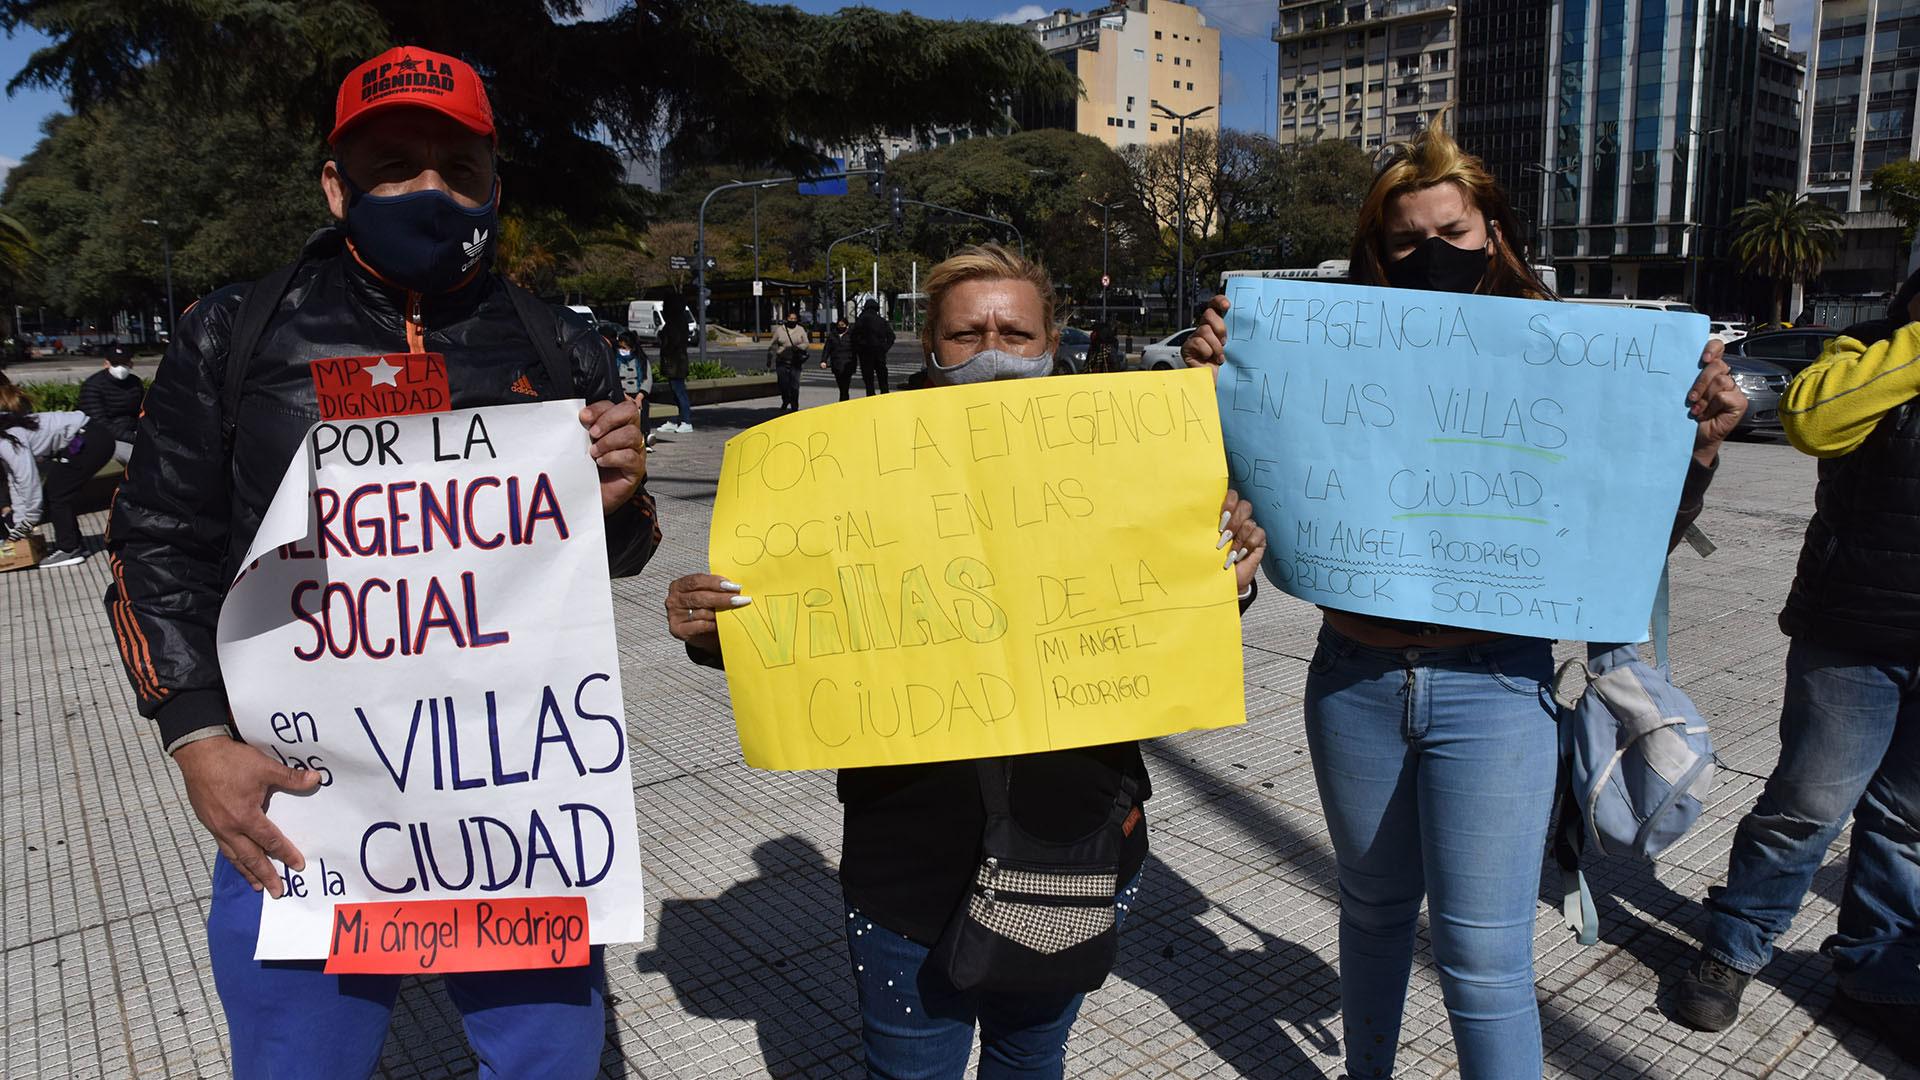 Los vecinos se los barrios populares se unieron en el centro de porteño para llevar adelante la protesta